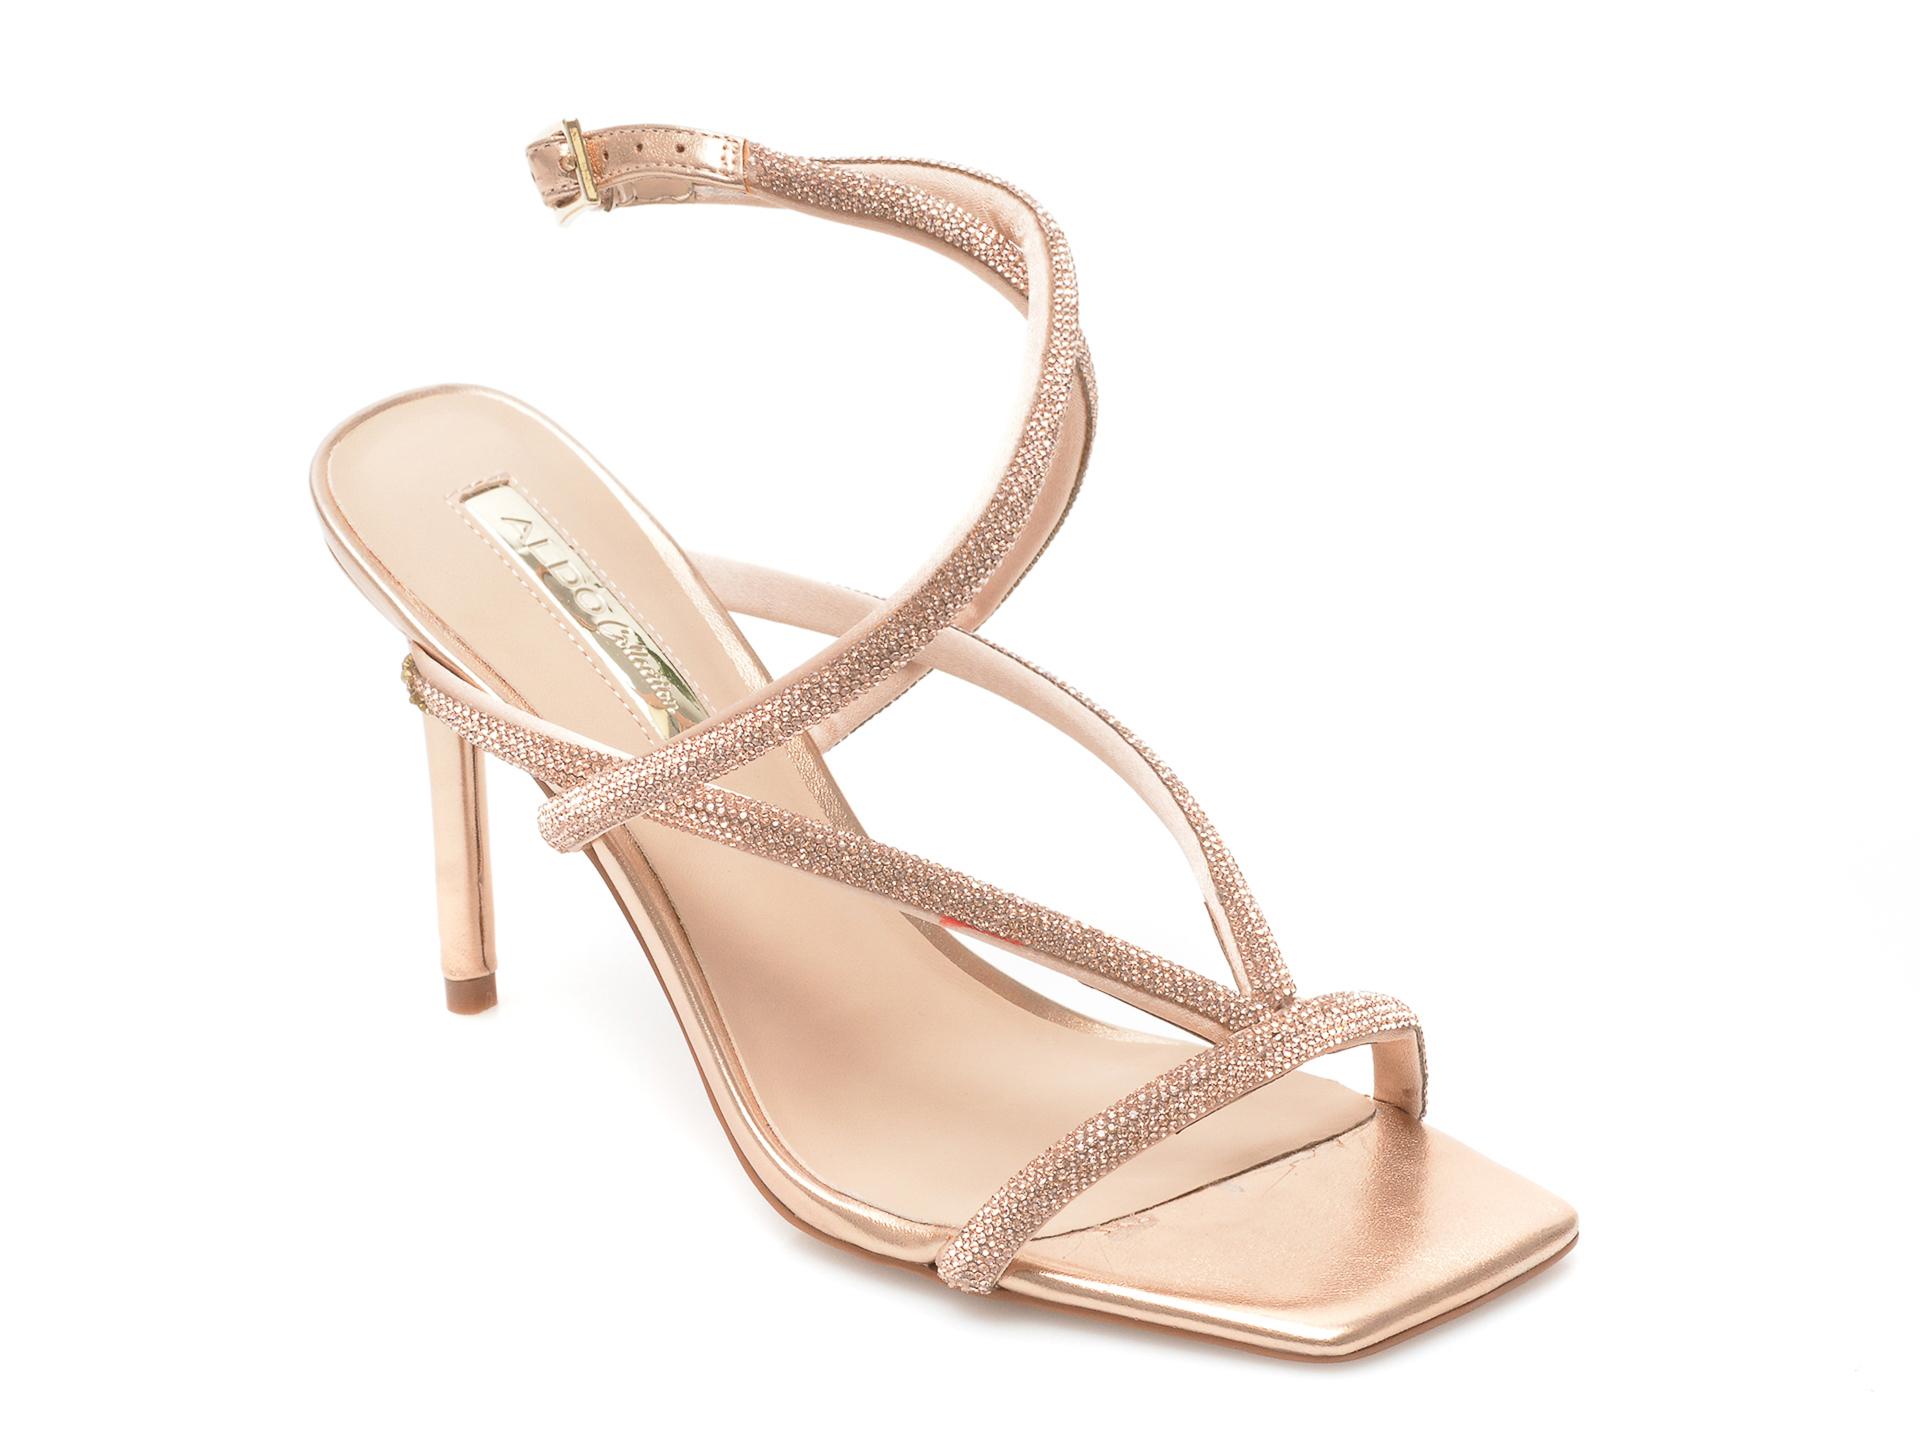 Sandale ALDO aurii, Onga653, din material textil imagine otter.ro 2021